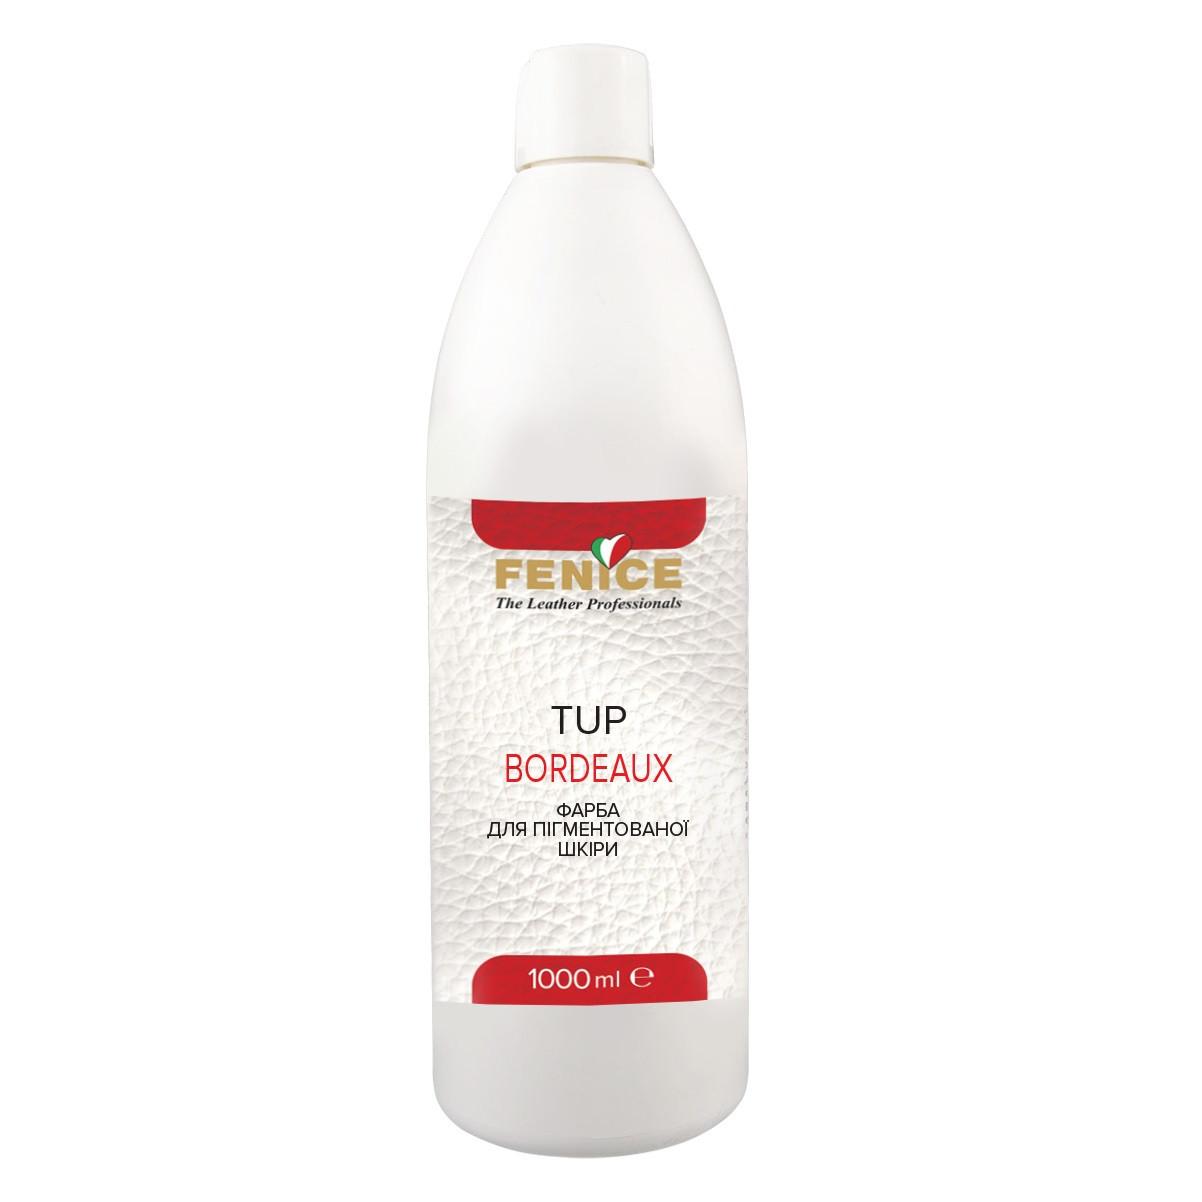 Фарба для шкіри Fenice TUP Bordeaux, колір Бордо, 1L